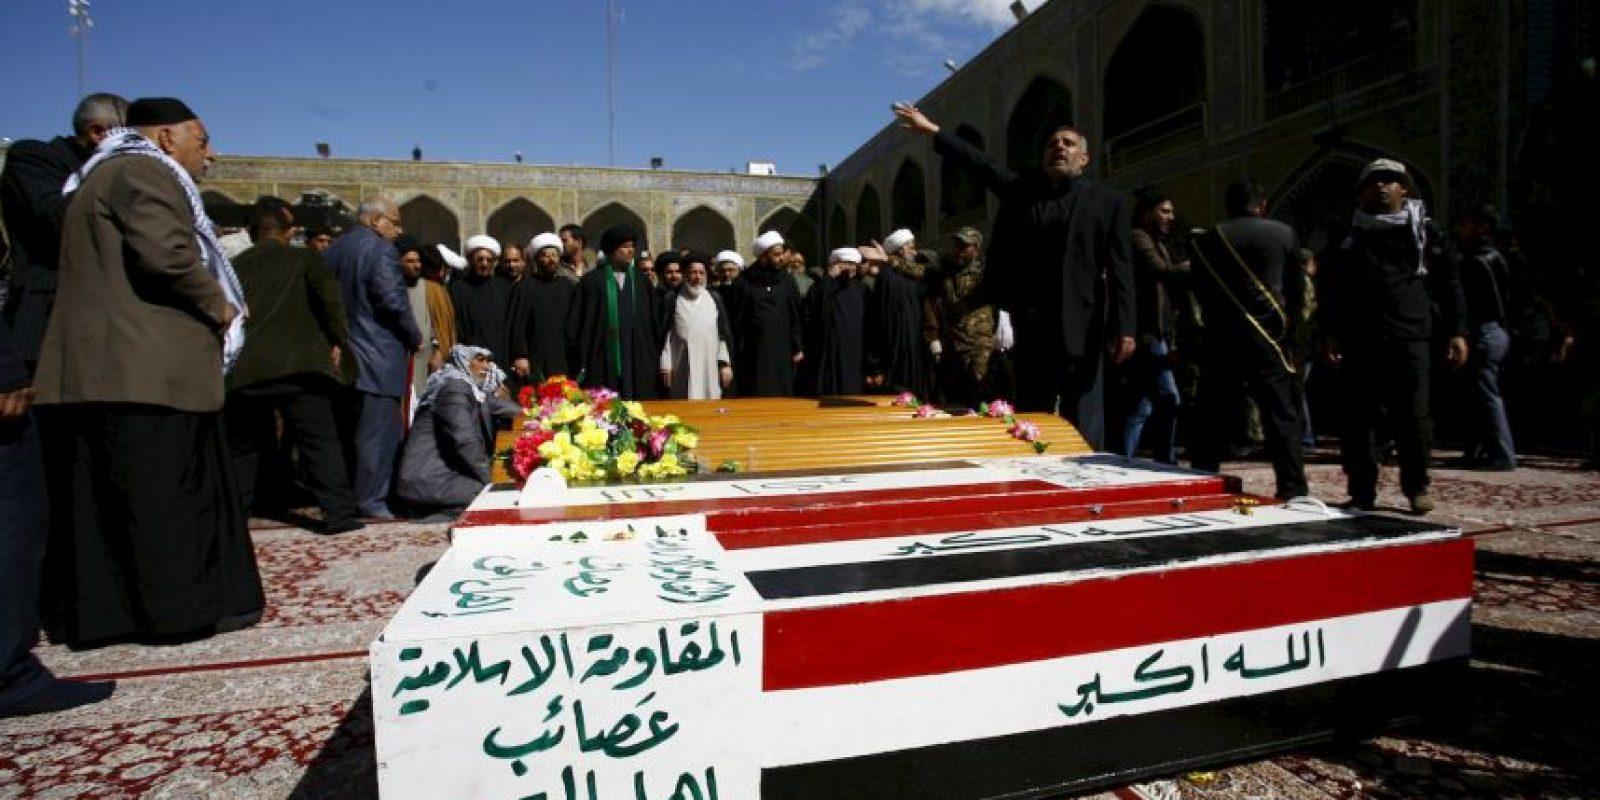 2. El hombre pretendía viajar para unirse al grupo terrorista, reseñó CNN. Foto:AFP